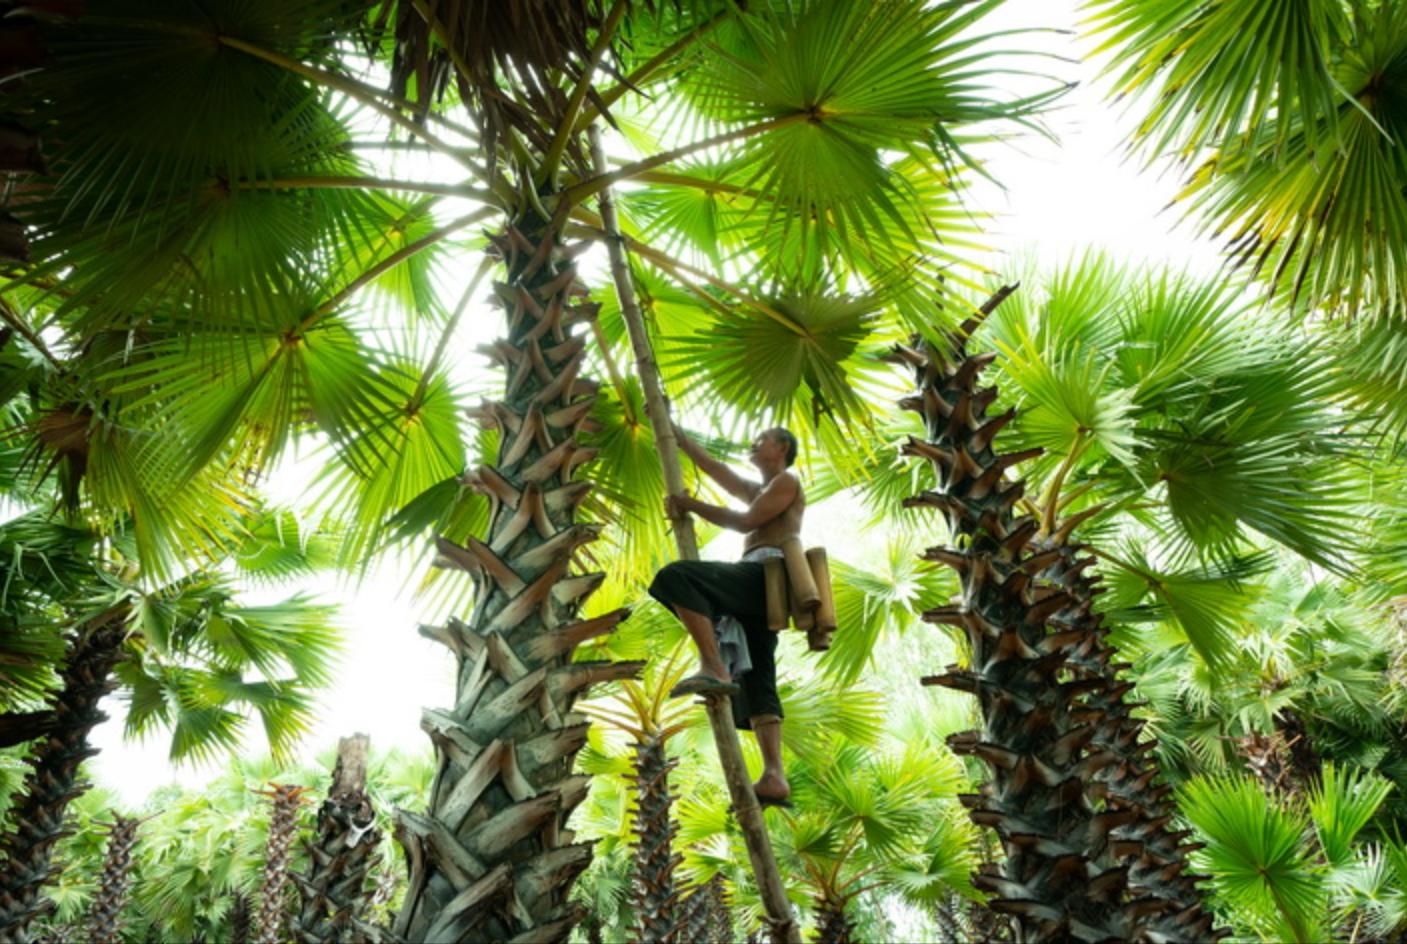 Making palm sugar at the local farm